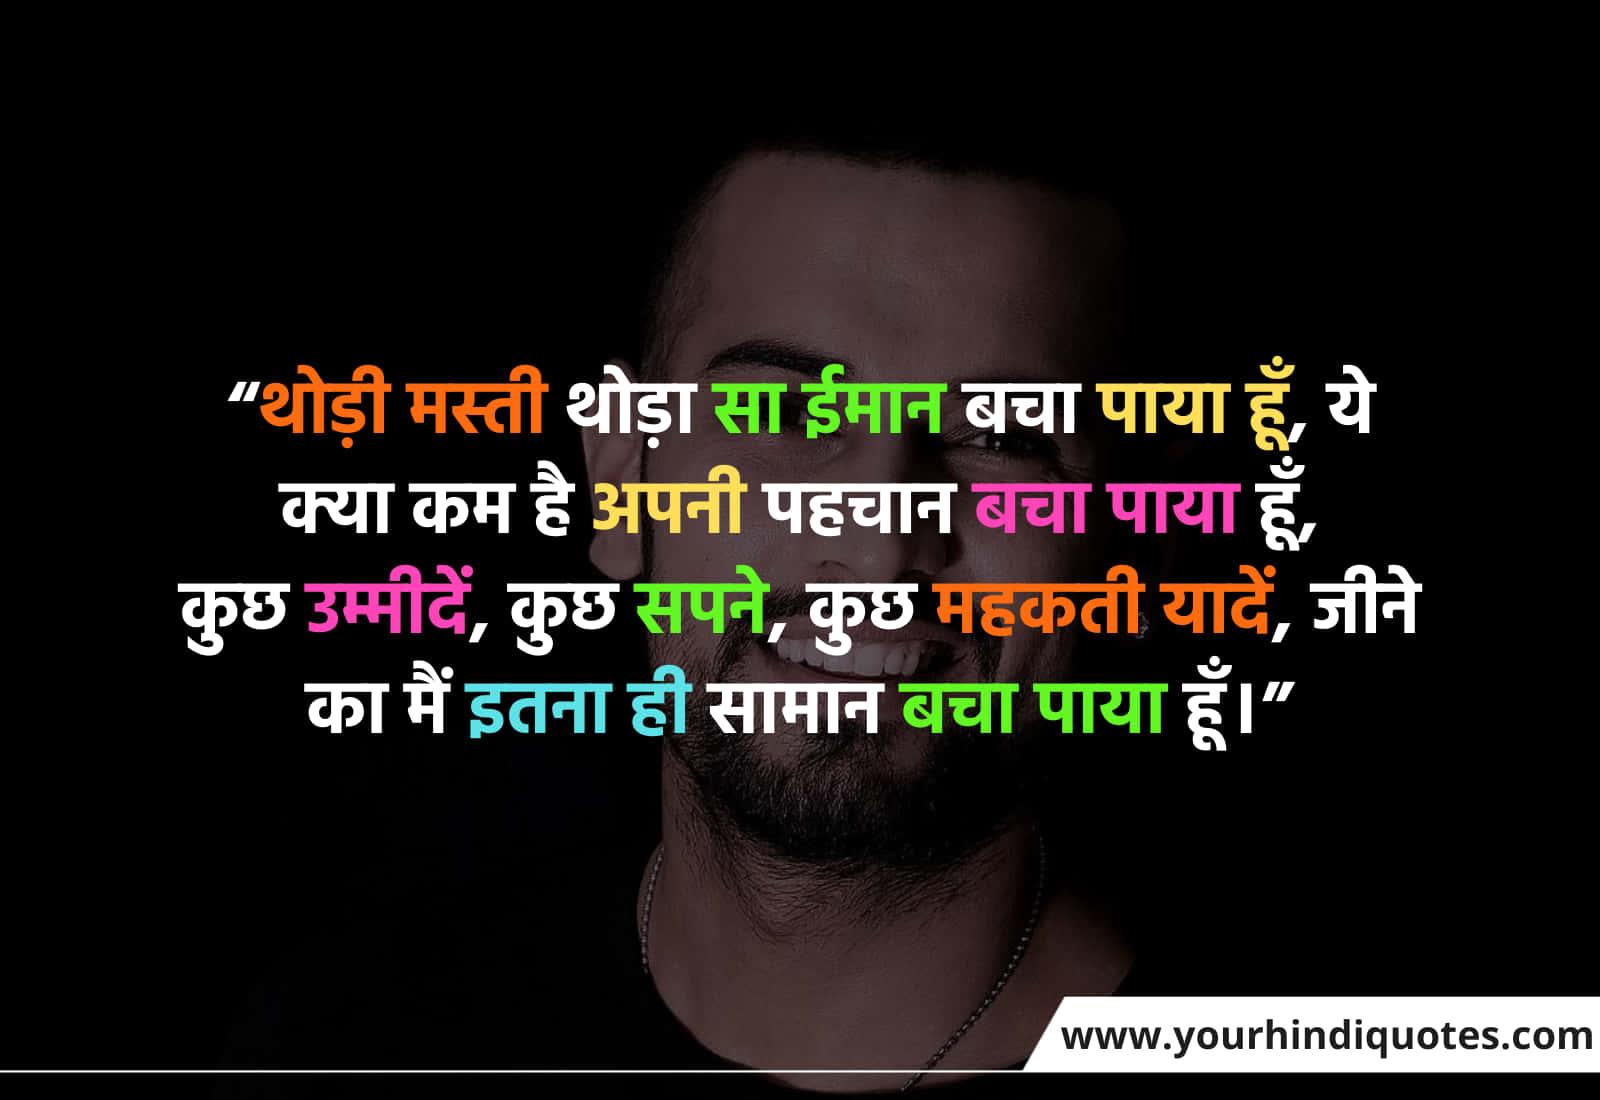 Sad Life Jindgi Shayari In Hindi